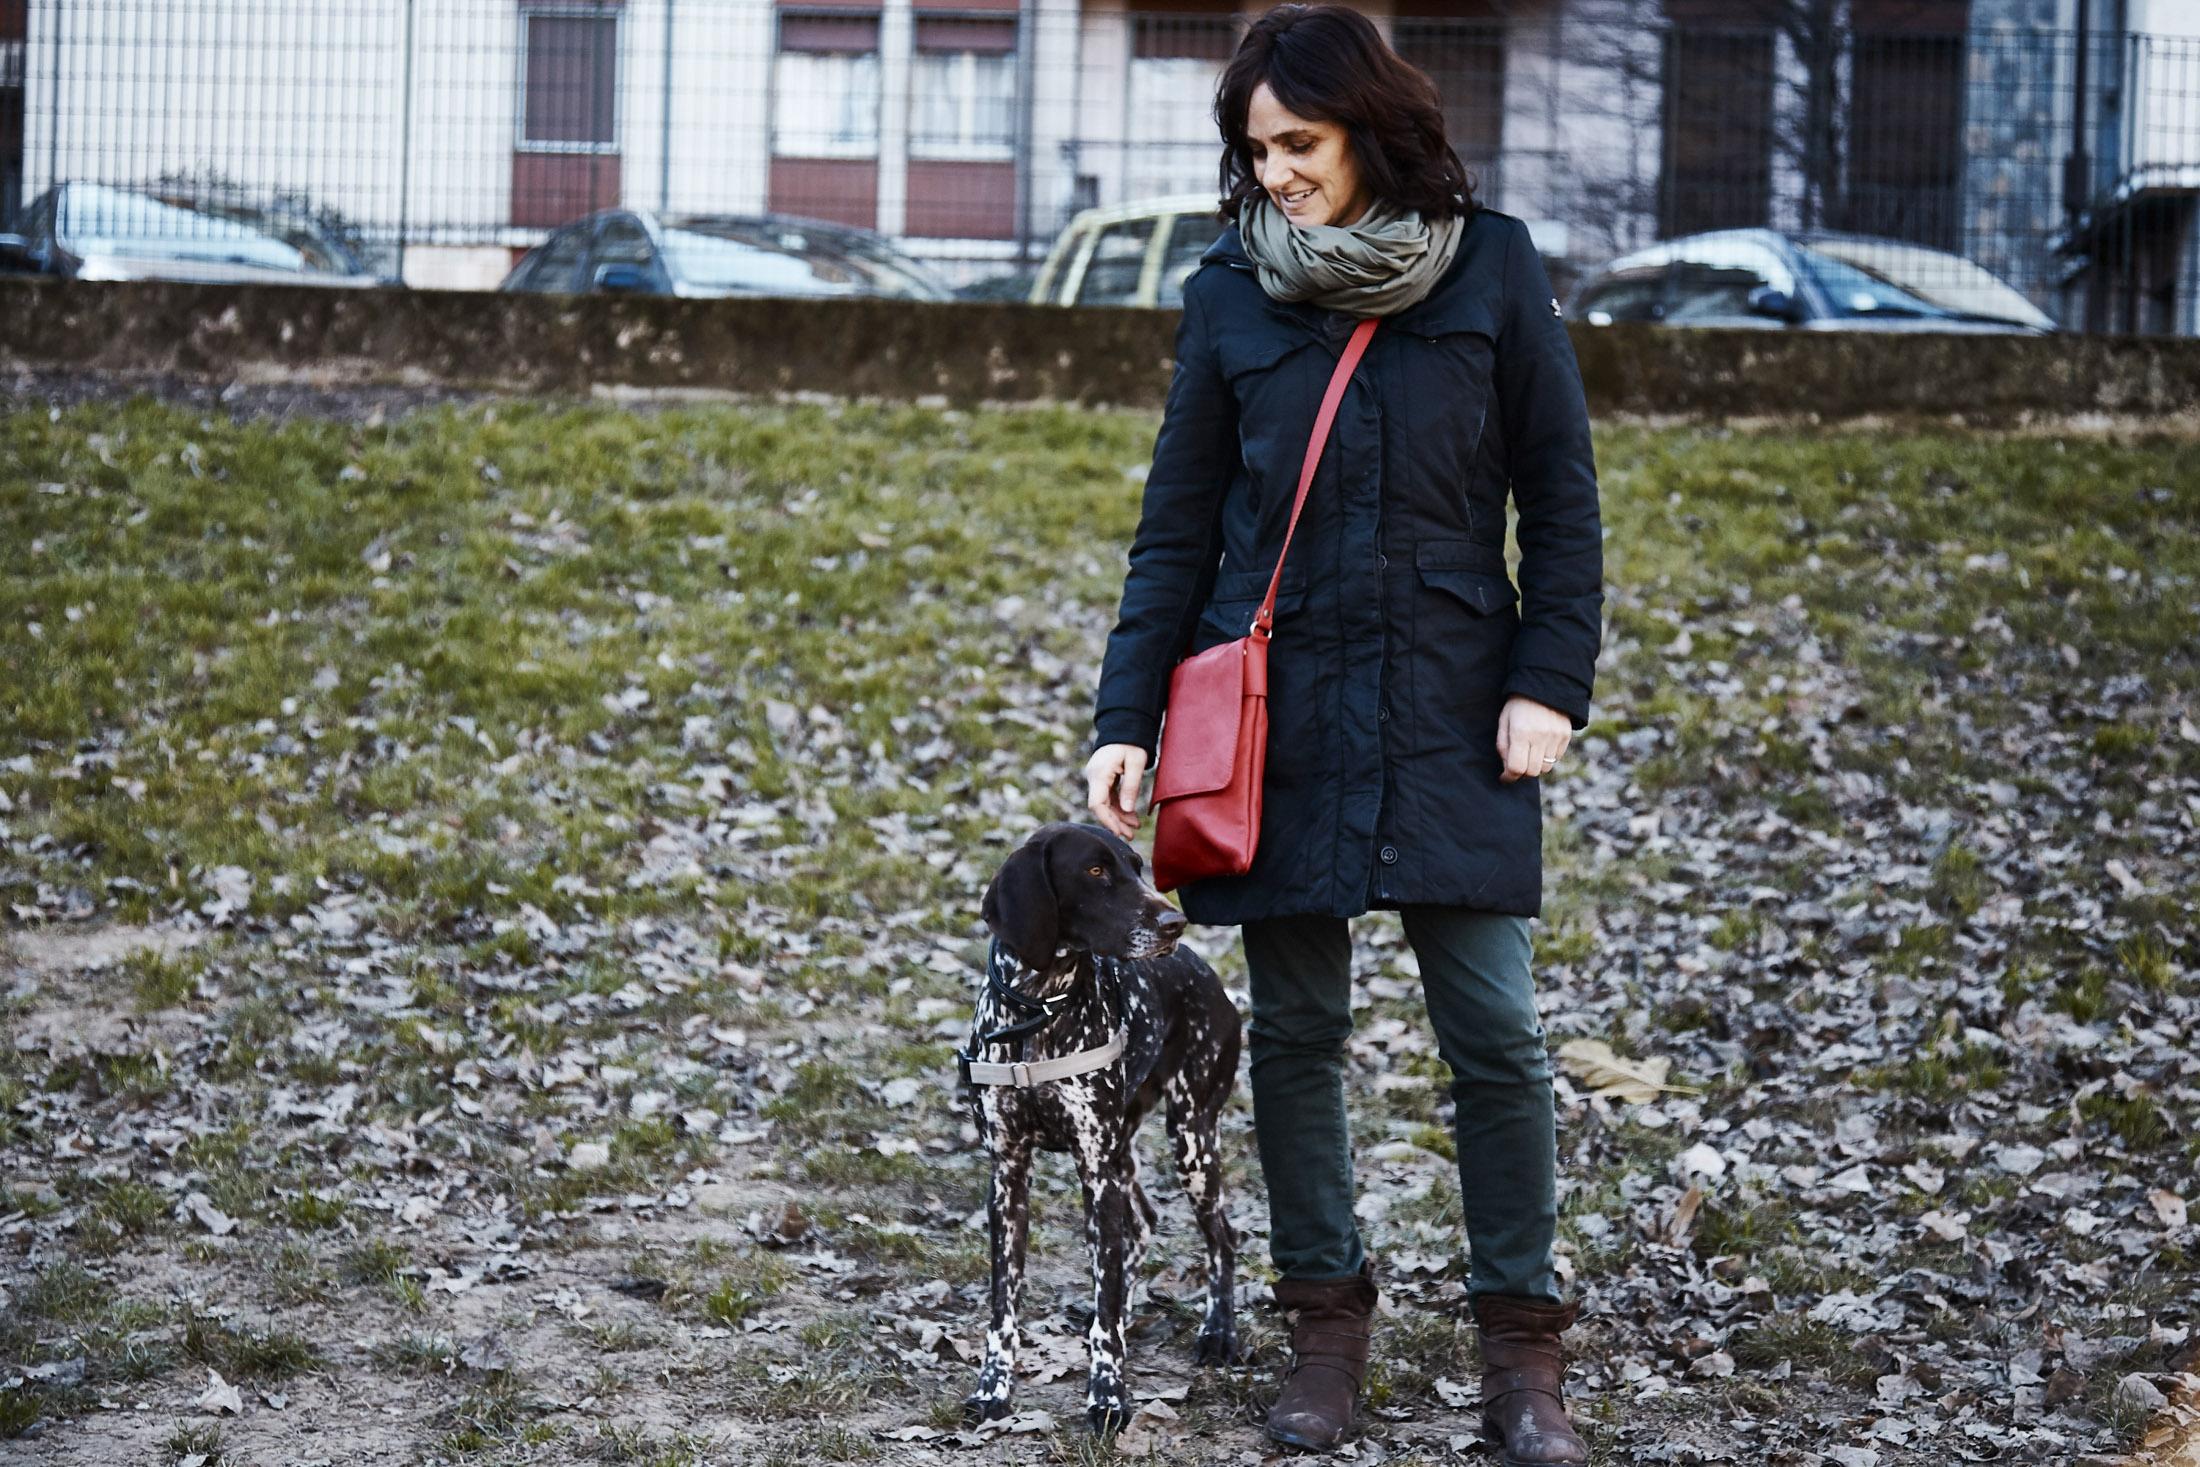 Simona + Penelope, the German Braco